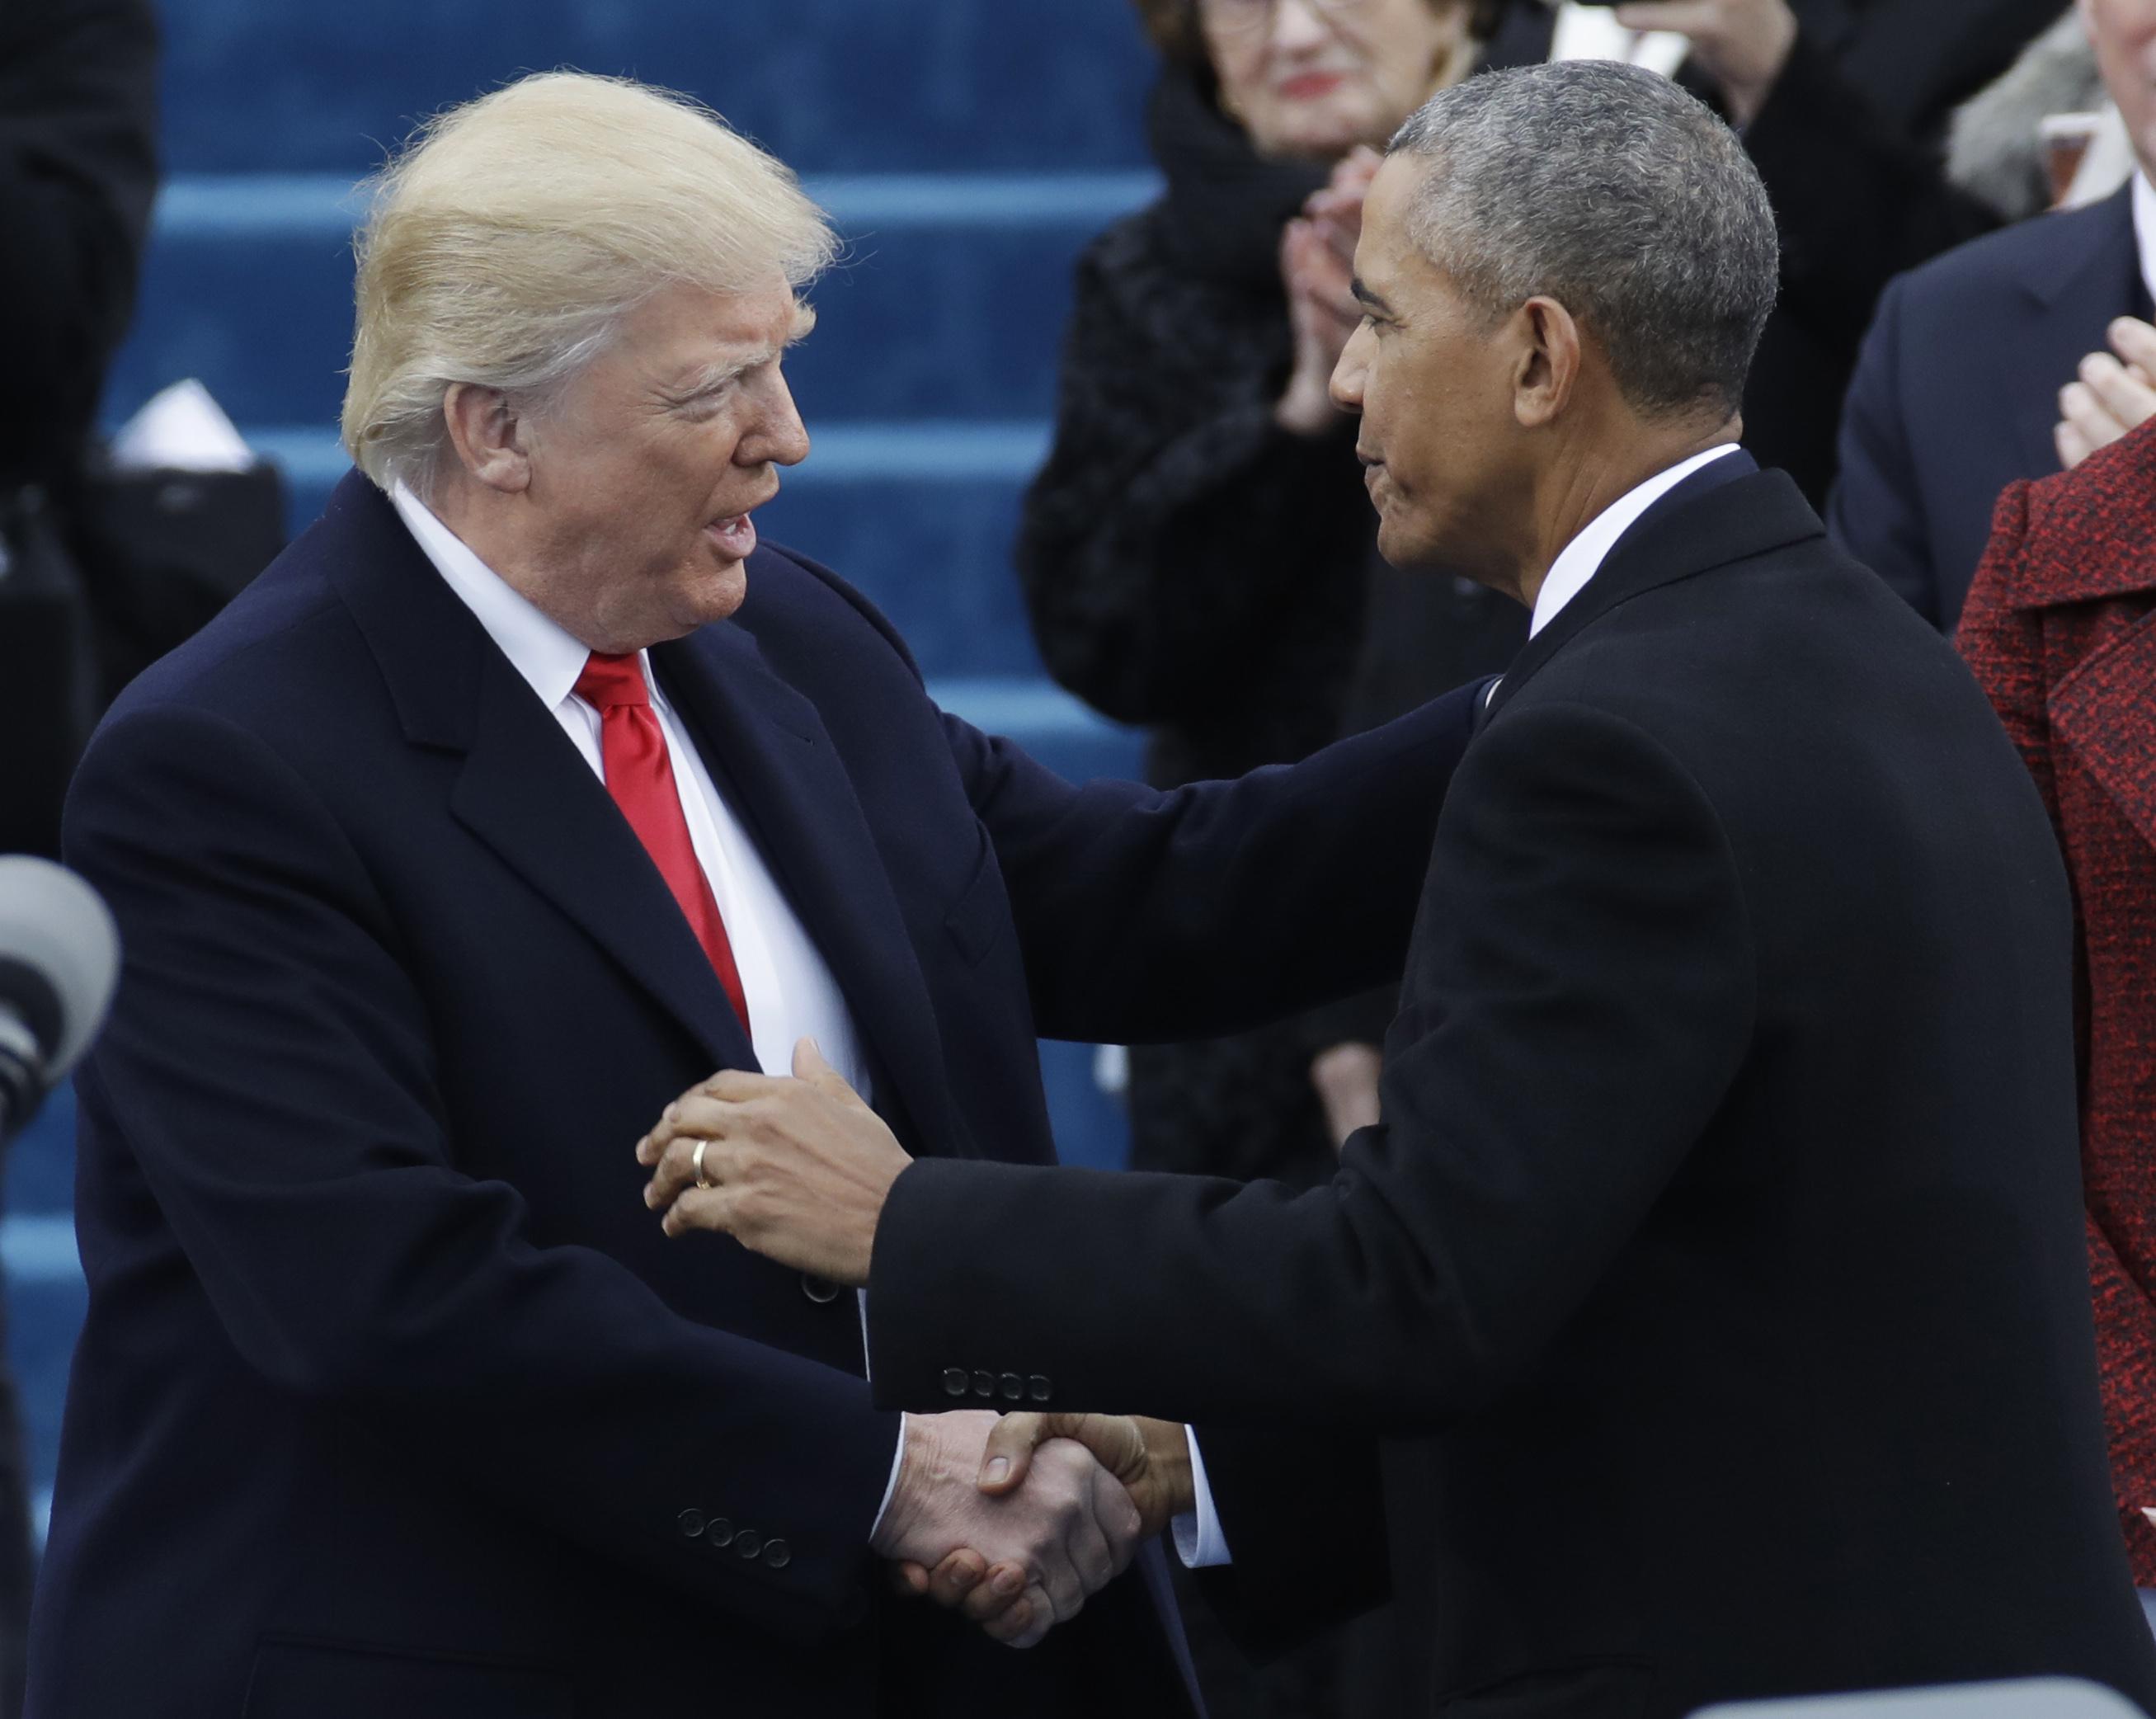 Rush Limbaugh Trump Must Go Full Speed On Agenda To Thwart Obama